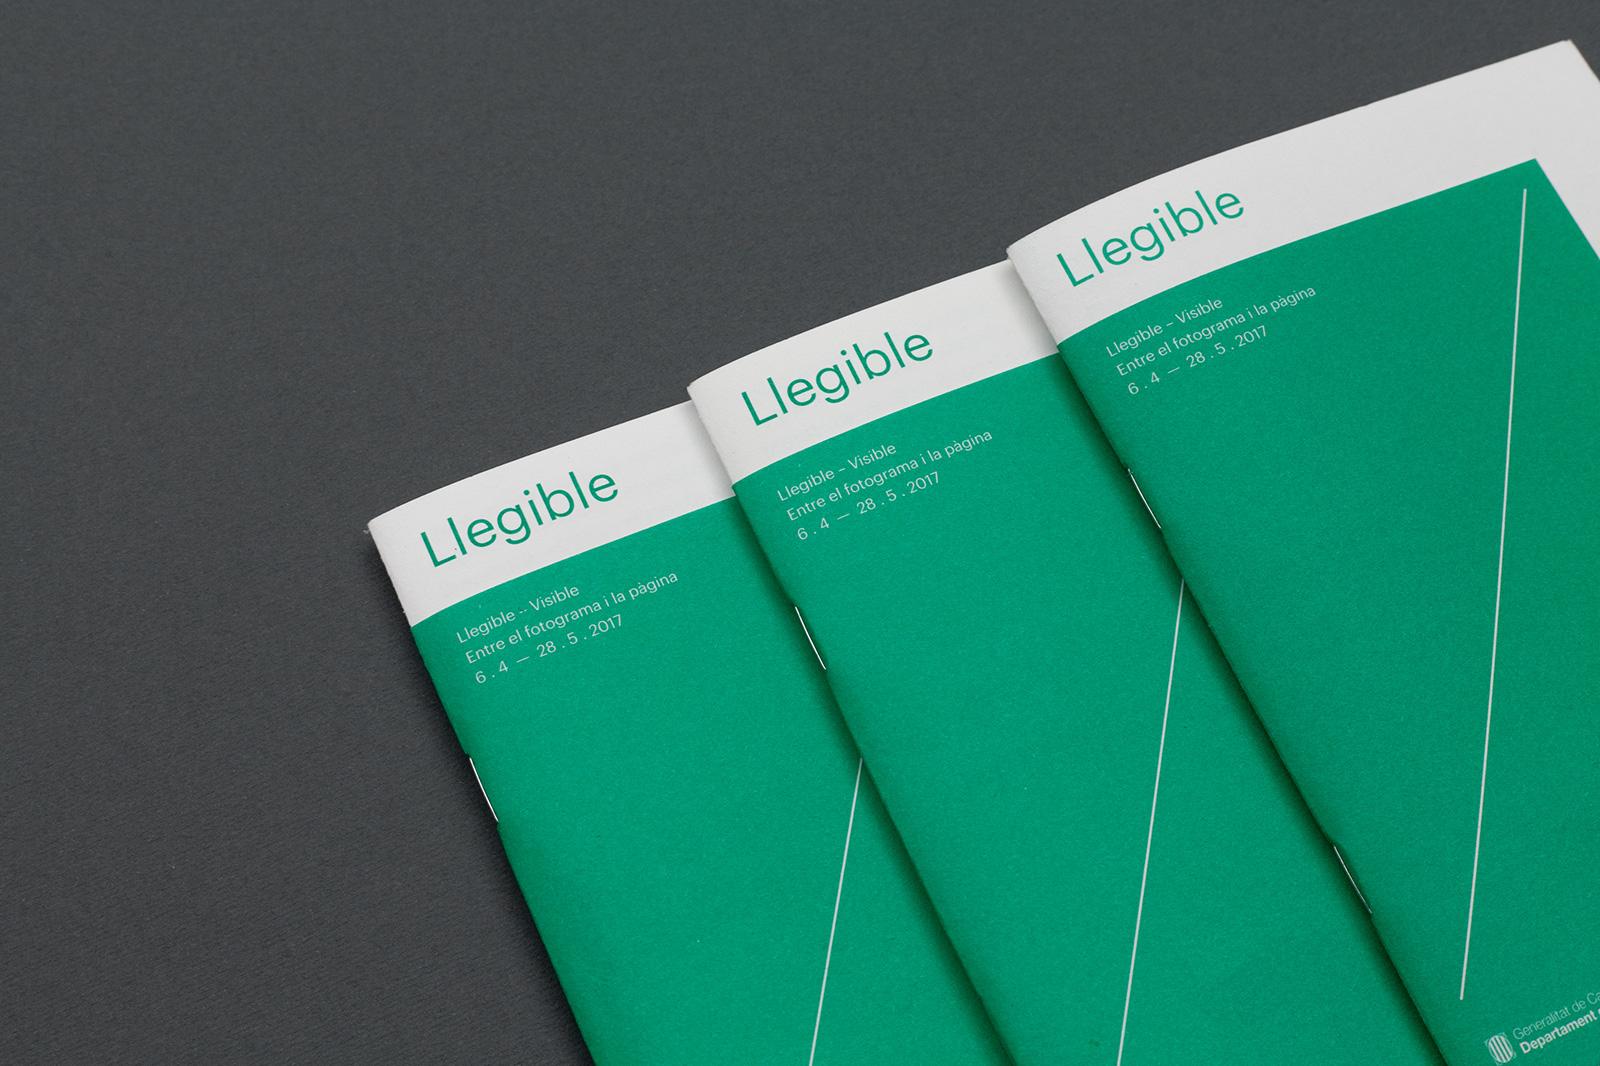 todojunto.net Legible-Visible